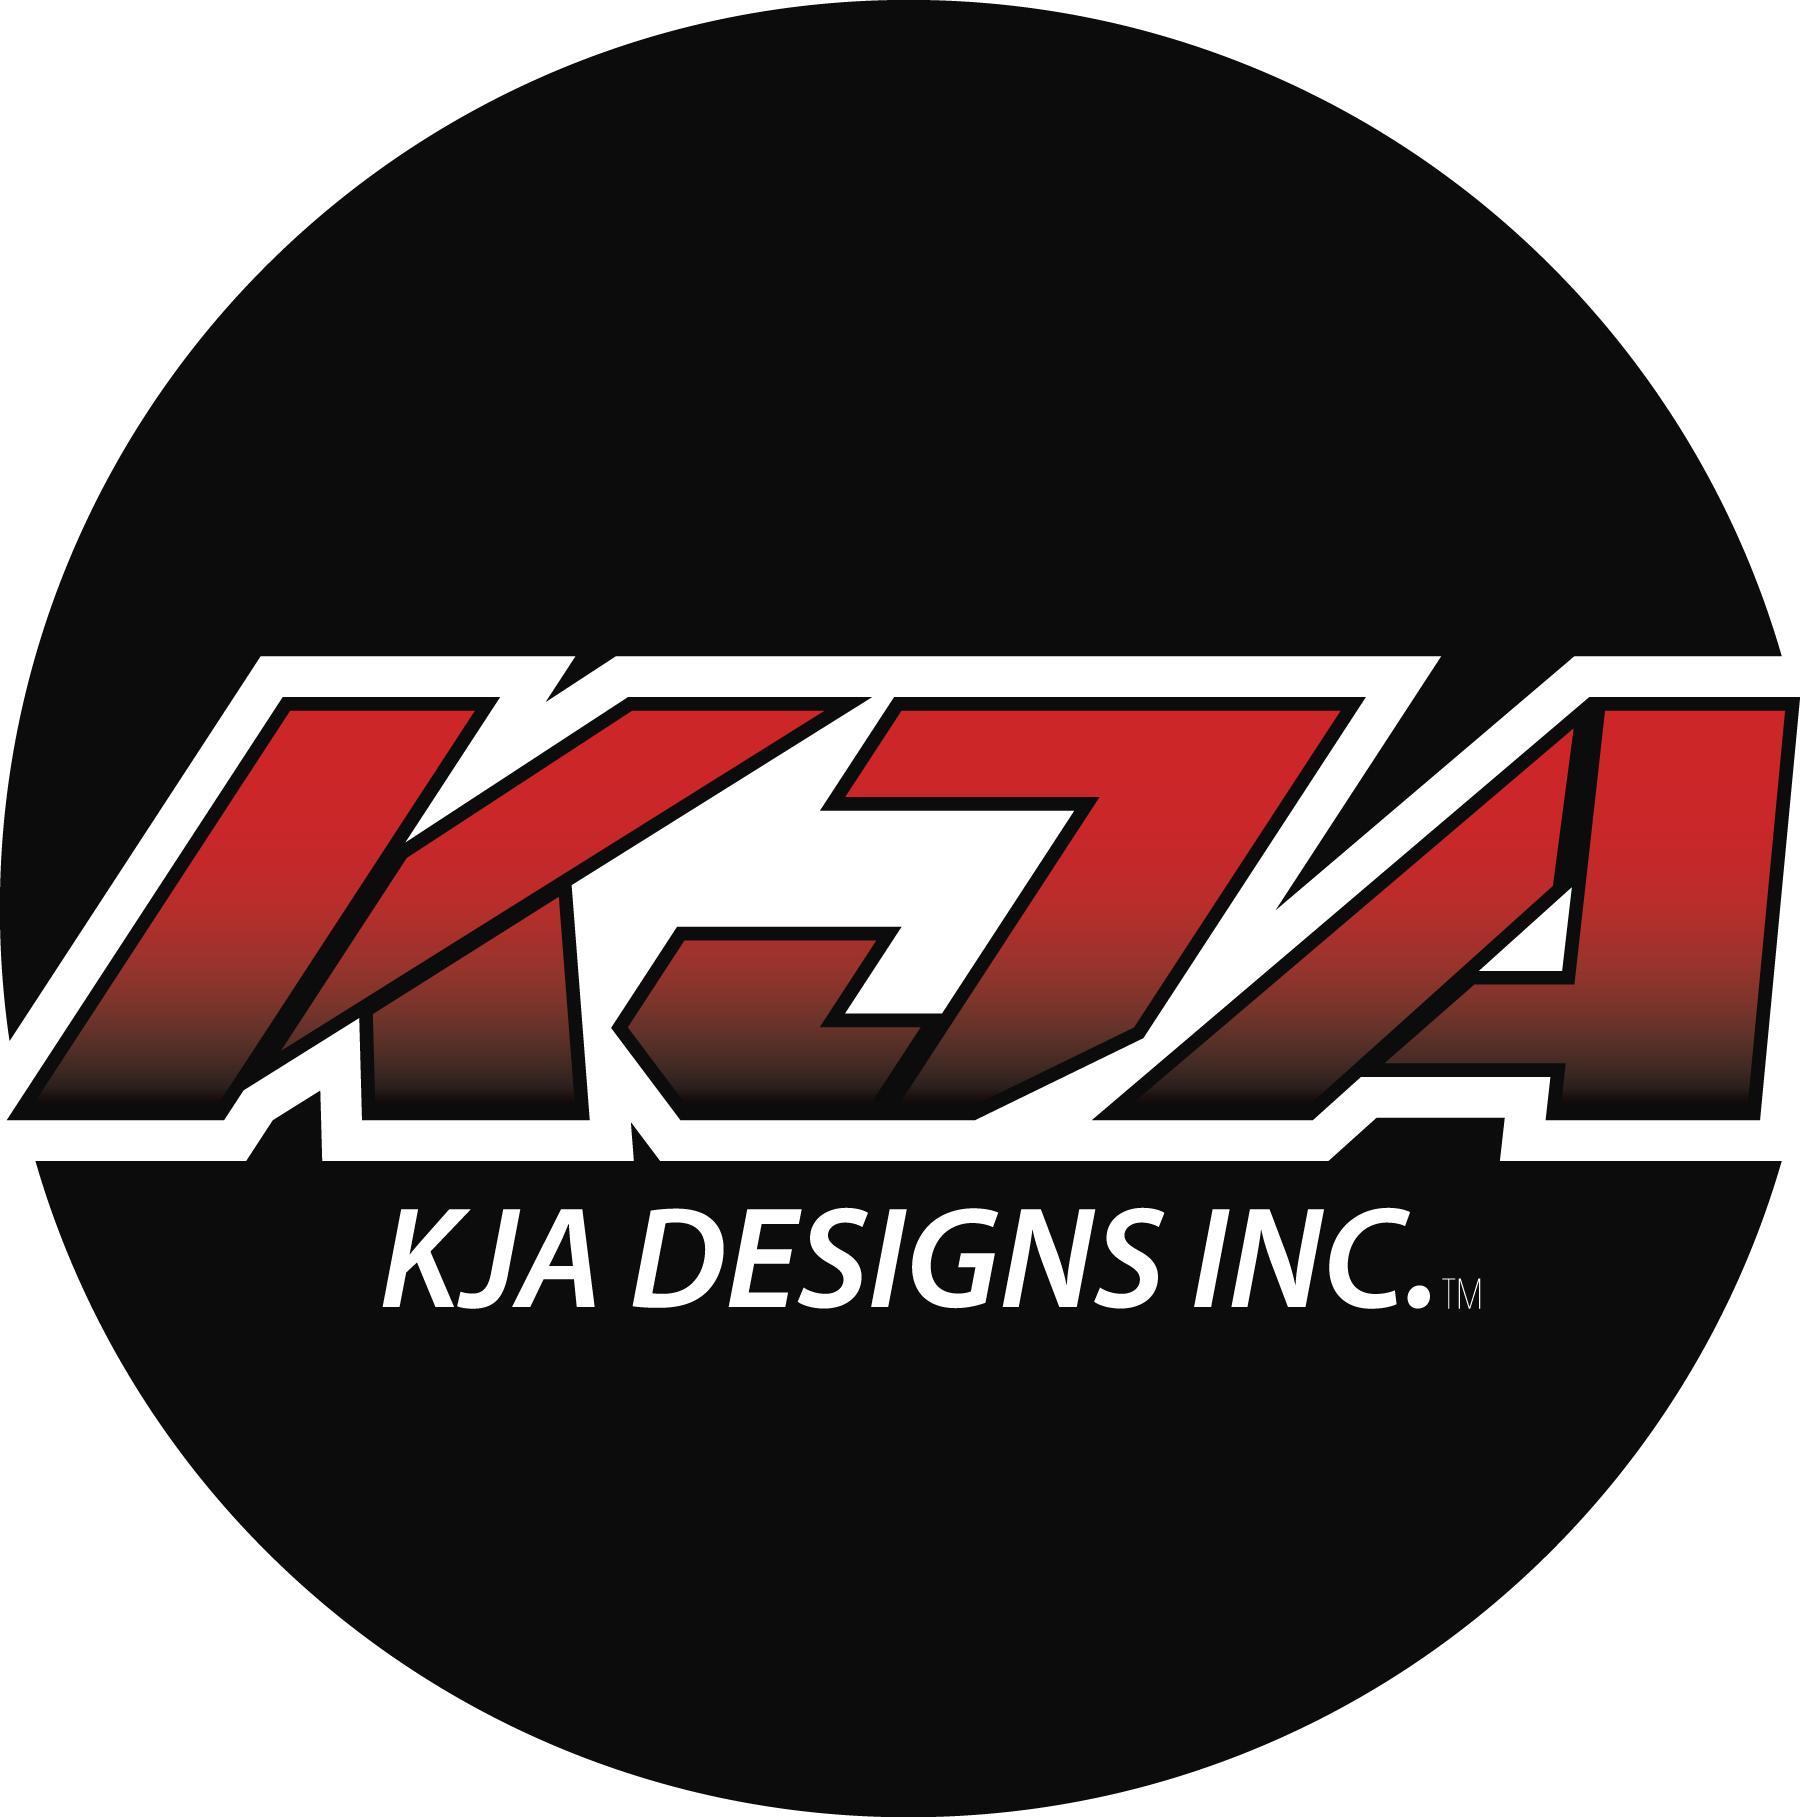 KJA Designs Inc.™ 3C on site